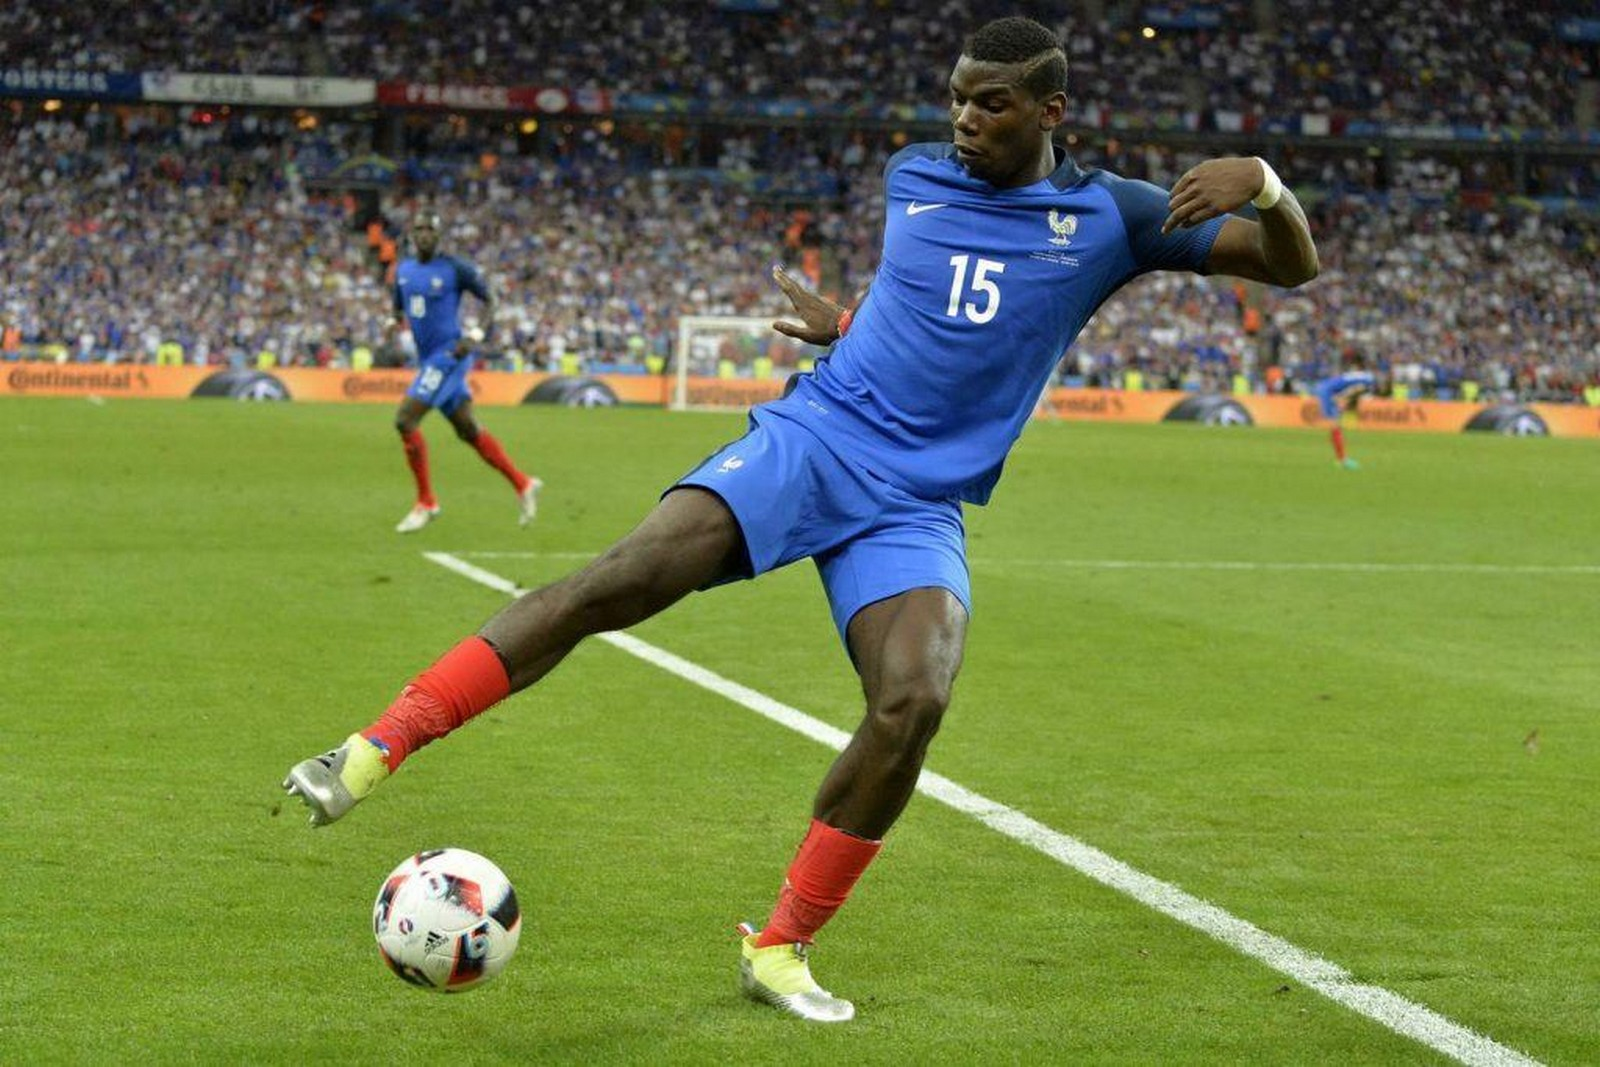 Führt Paul Pogba Frankreich gegen Peru zum Sieg? Jetzt auf Frankreich gegen Peru wetten!